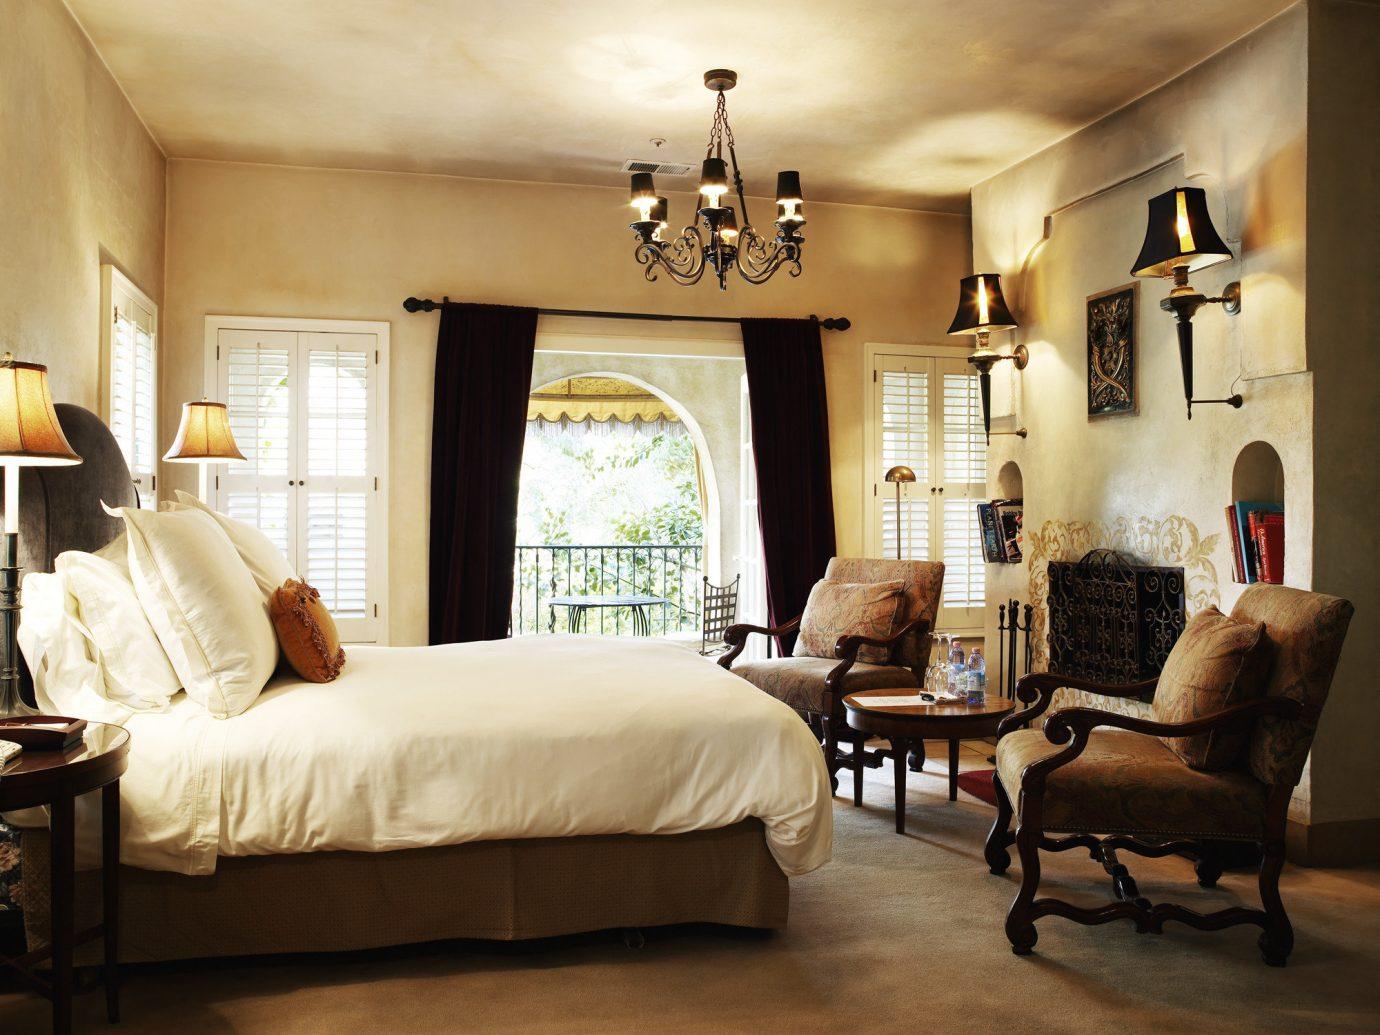 Bedroom at Kenwood Inn & Spa